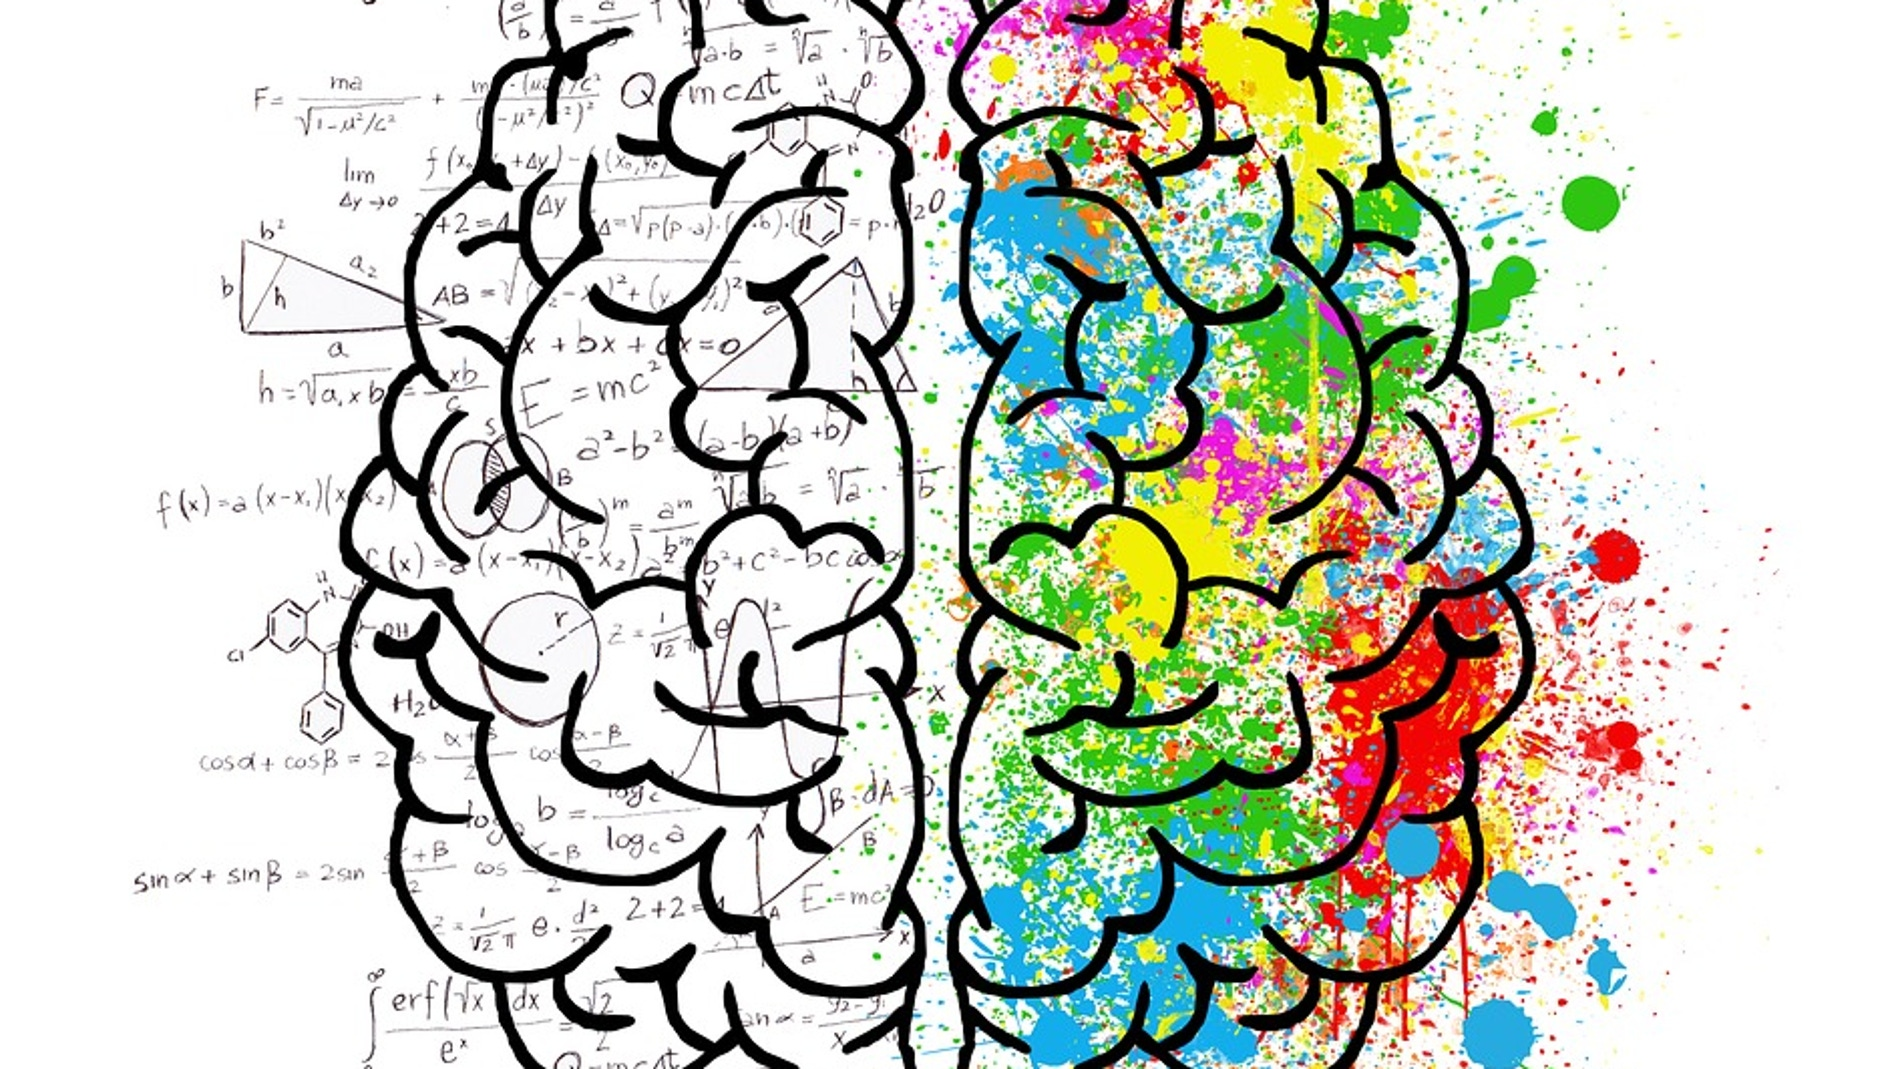 Dibujo de un cerebro